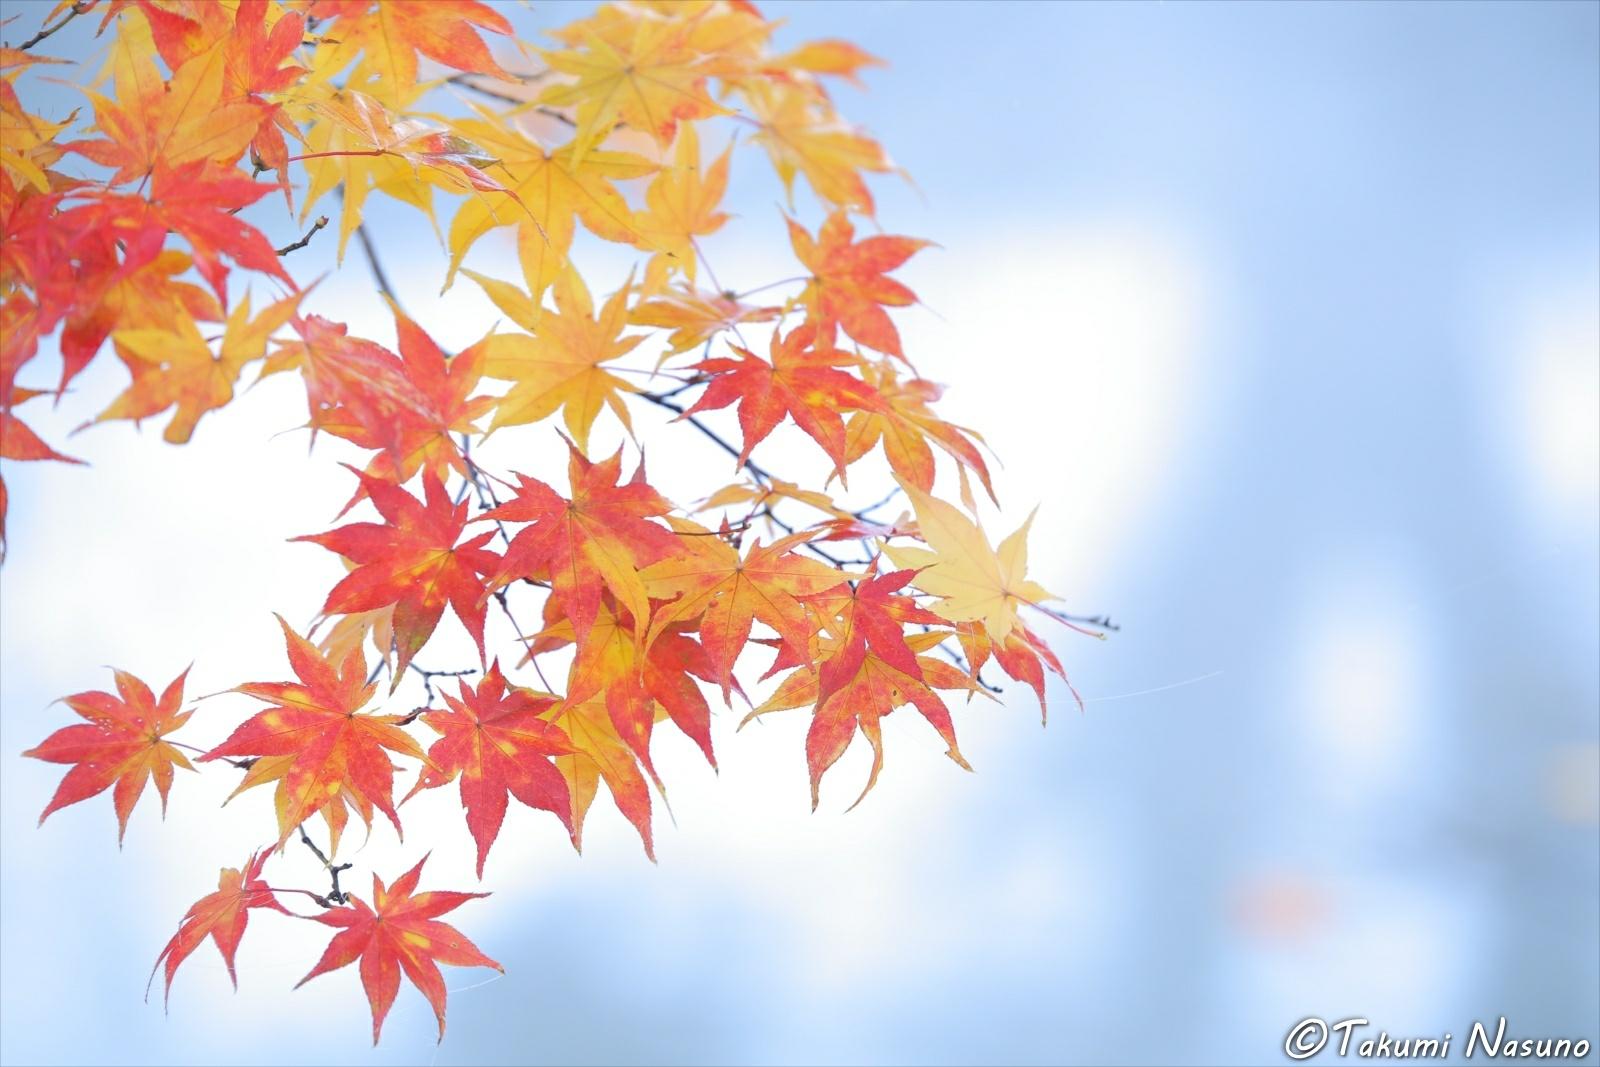 Autumn Colors at Tanagura Town